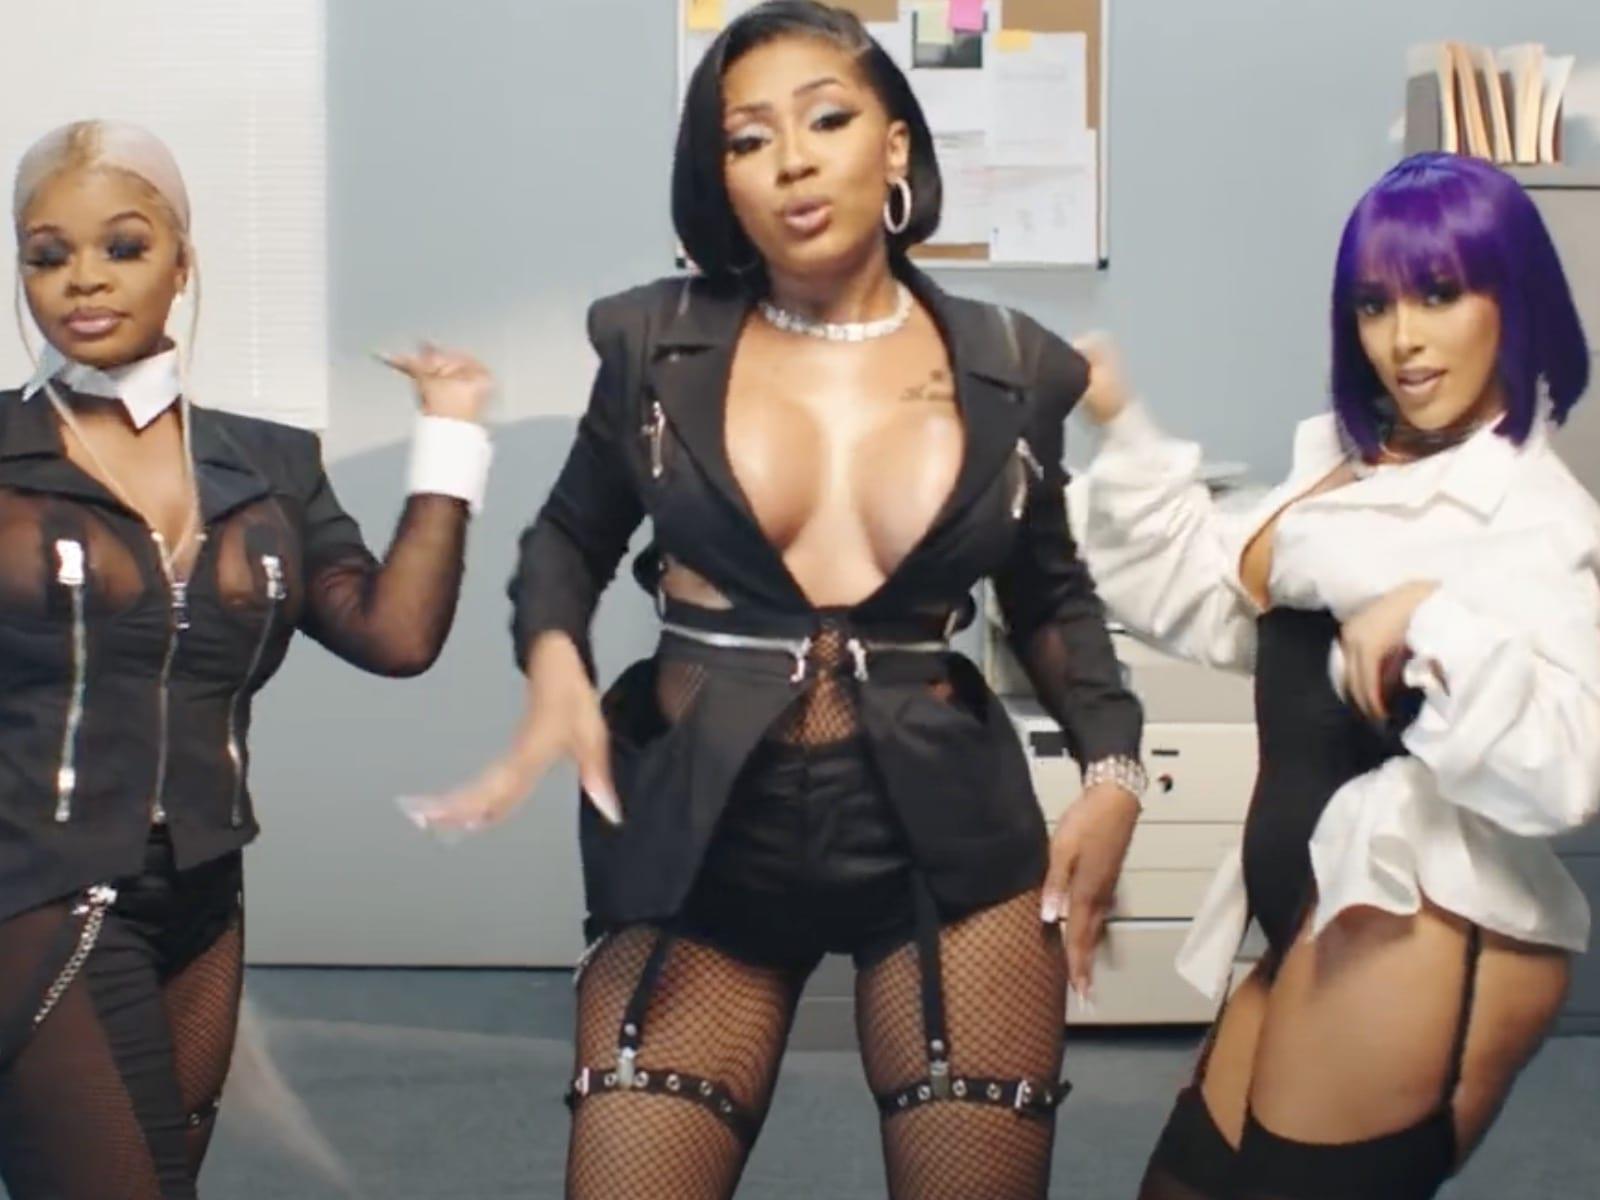 City Girls Pussy Talk JT Yung Miami Doja Cat Video 7